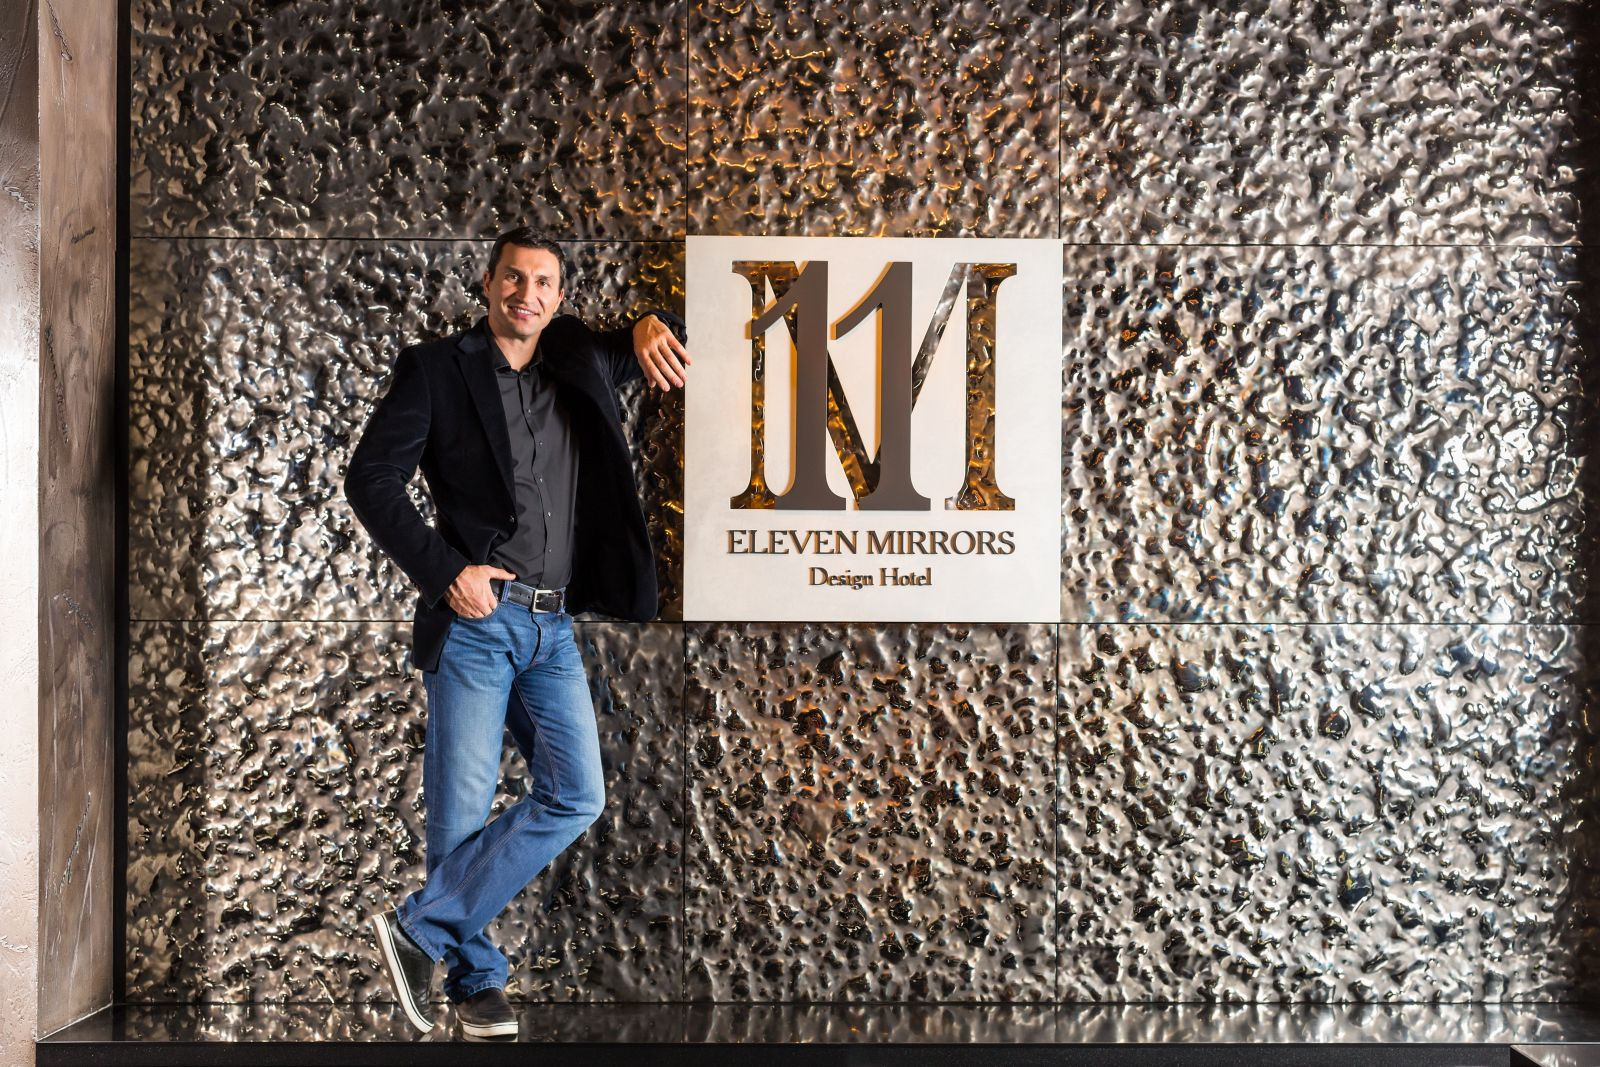 """""""Посылка успеха"""": 11 Mirrors поддерживает проект Фонда Кличко в помощь украинским детям"""